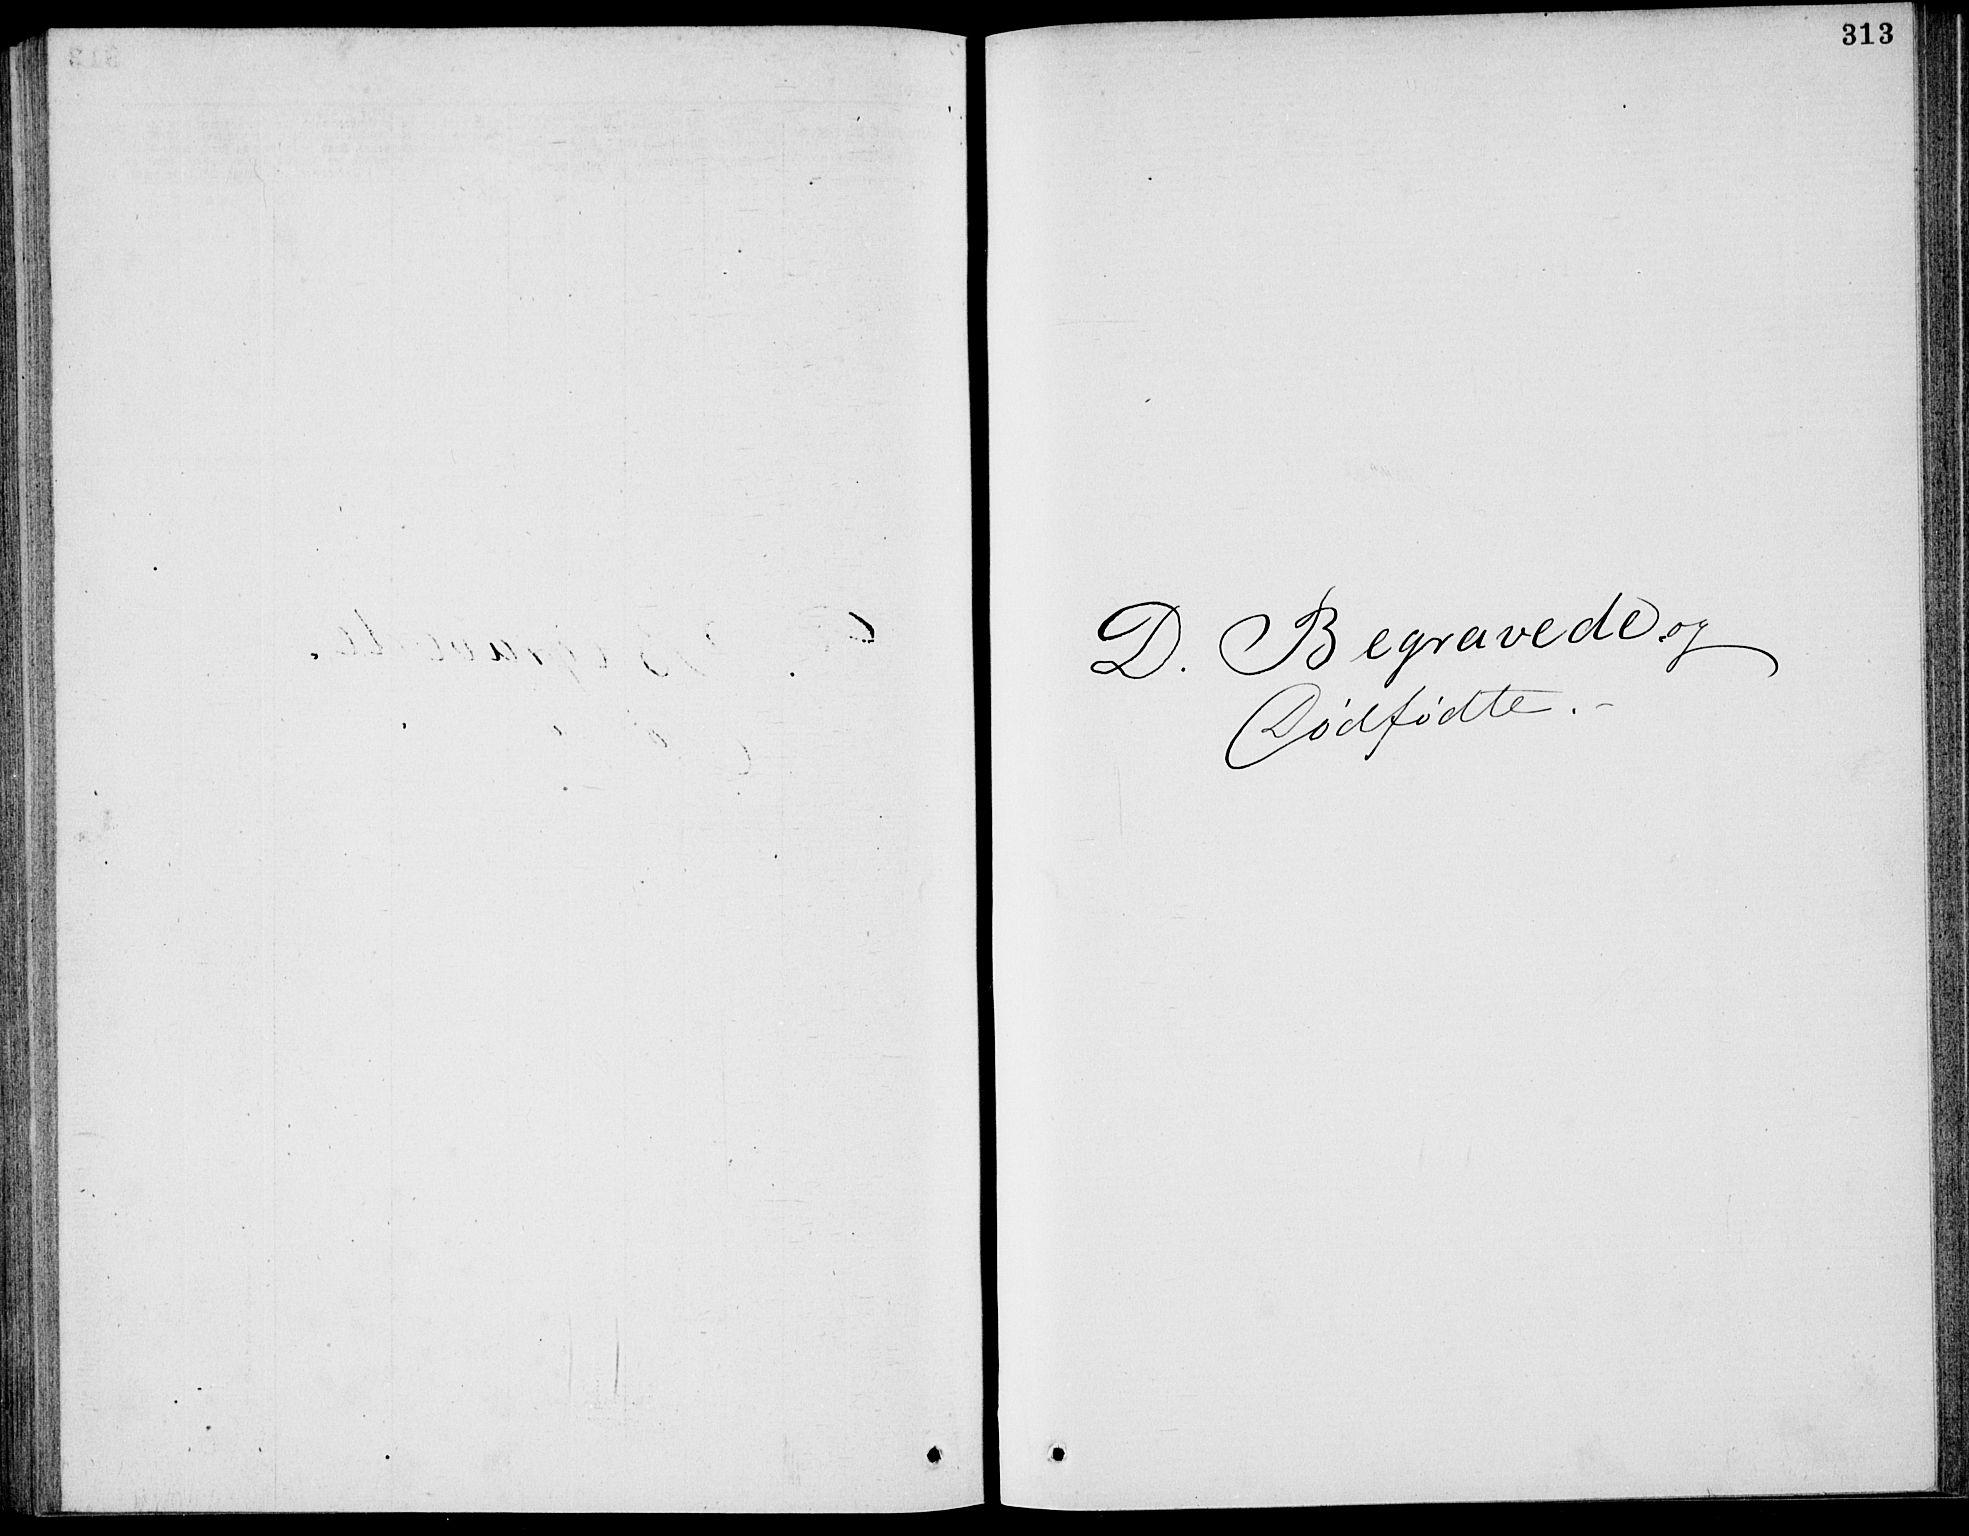 SAKO, Bamble kirkebøker, G/Ga/L0007: Klokkerbok nr. I 7, 1876-1877, s. 313